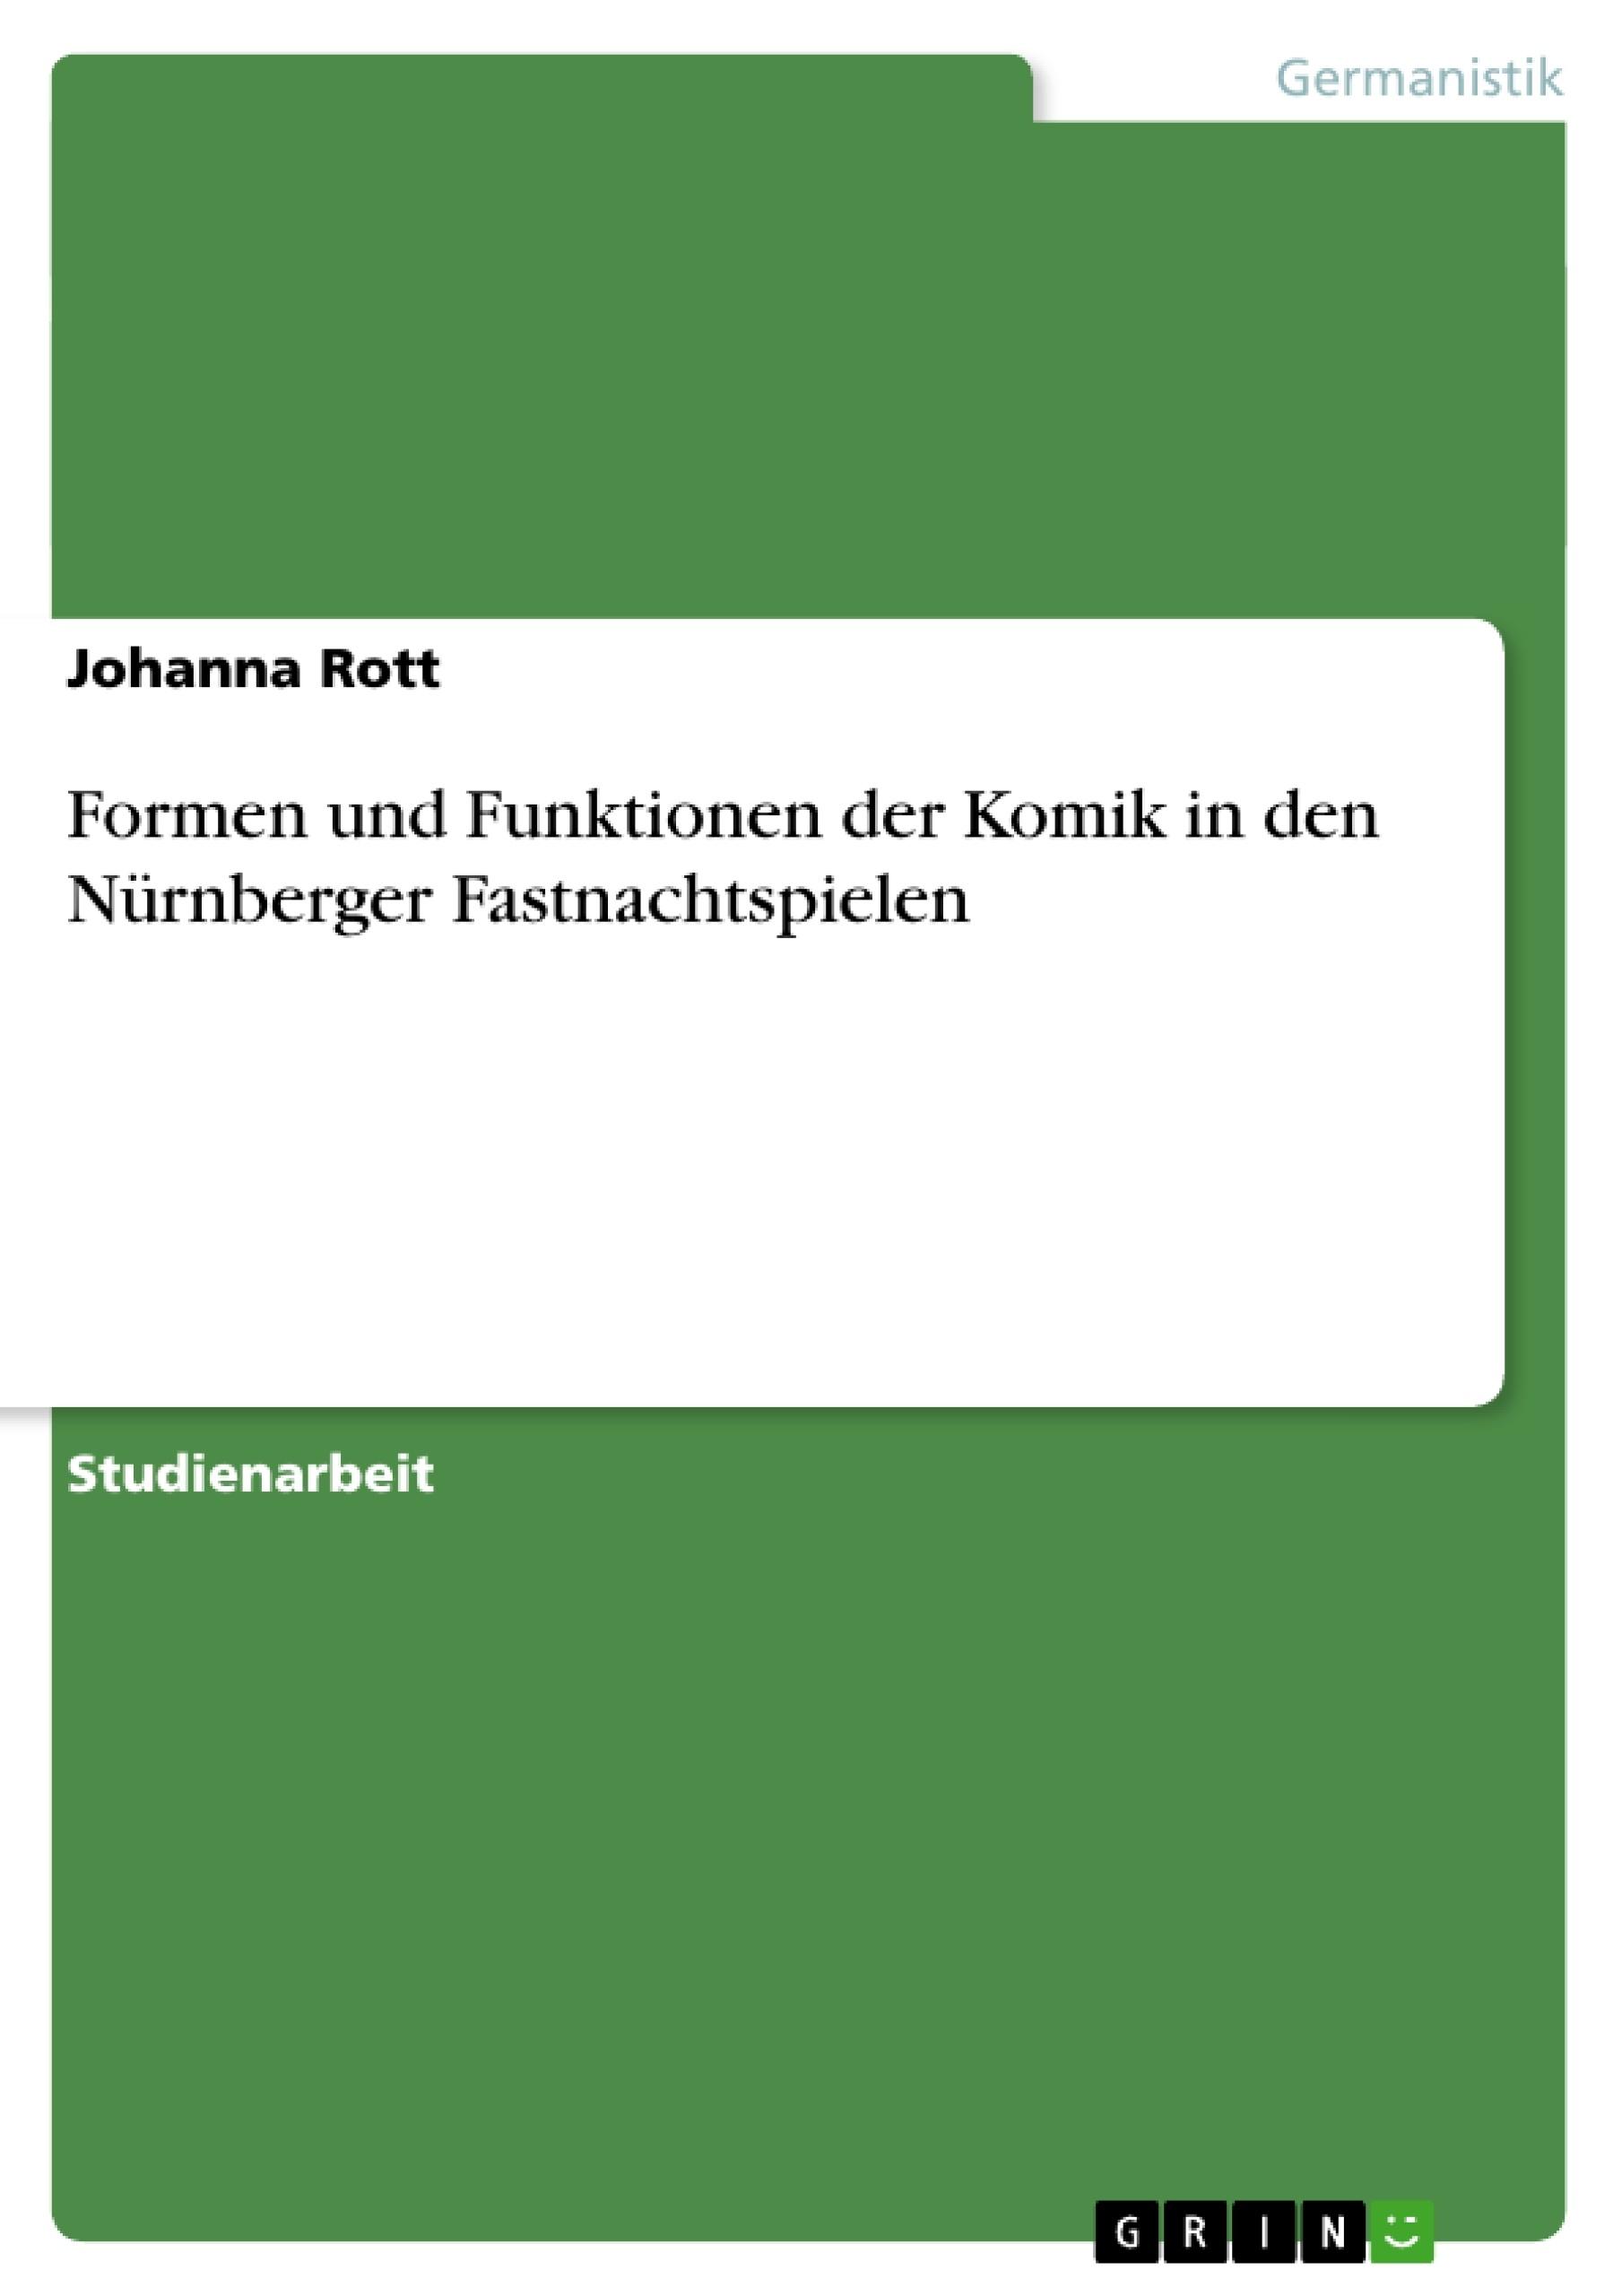 Titel: Formen und Funktionen der Komik in den Nürnberger Fastnachtspielen